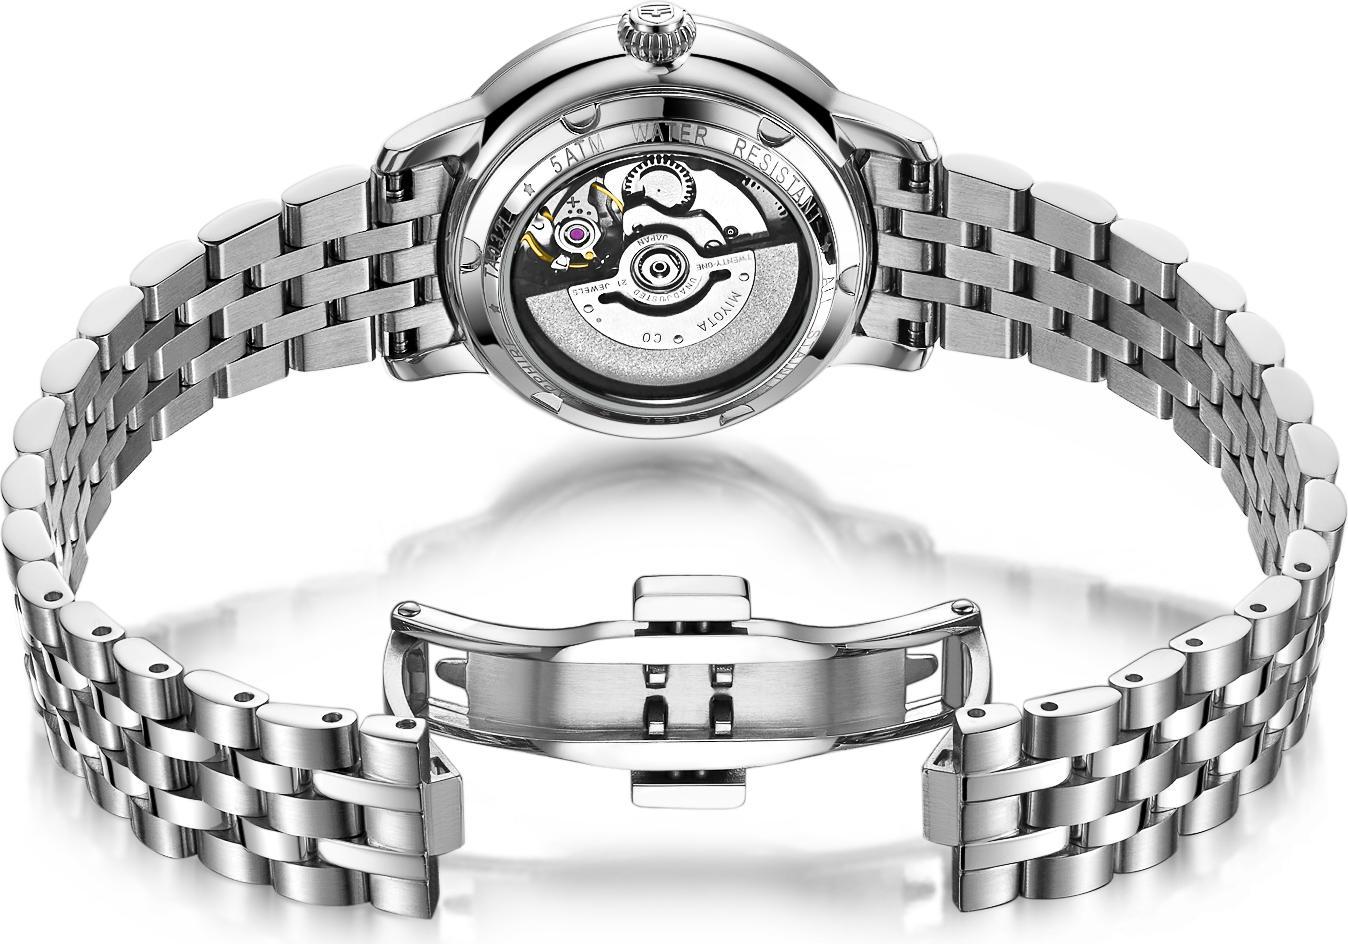 Đồng hồ nữ máy cơ tự động Thụy Sĩ TOPHILL TA032L.S1138